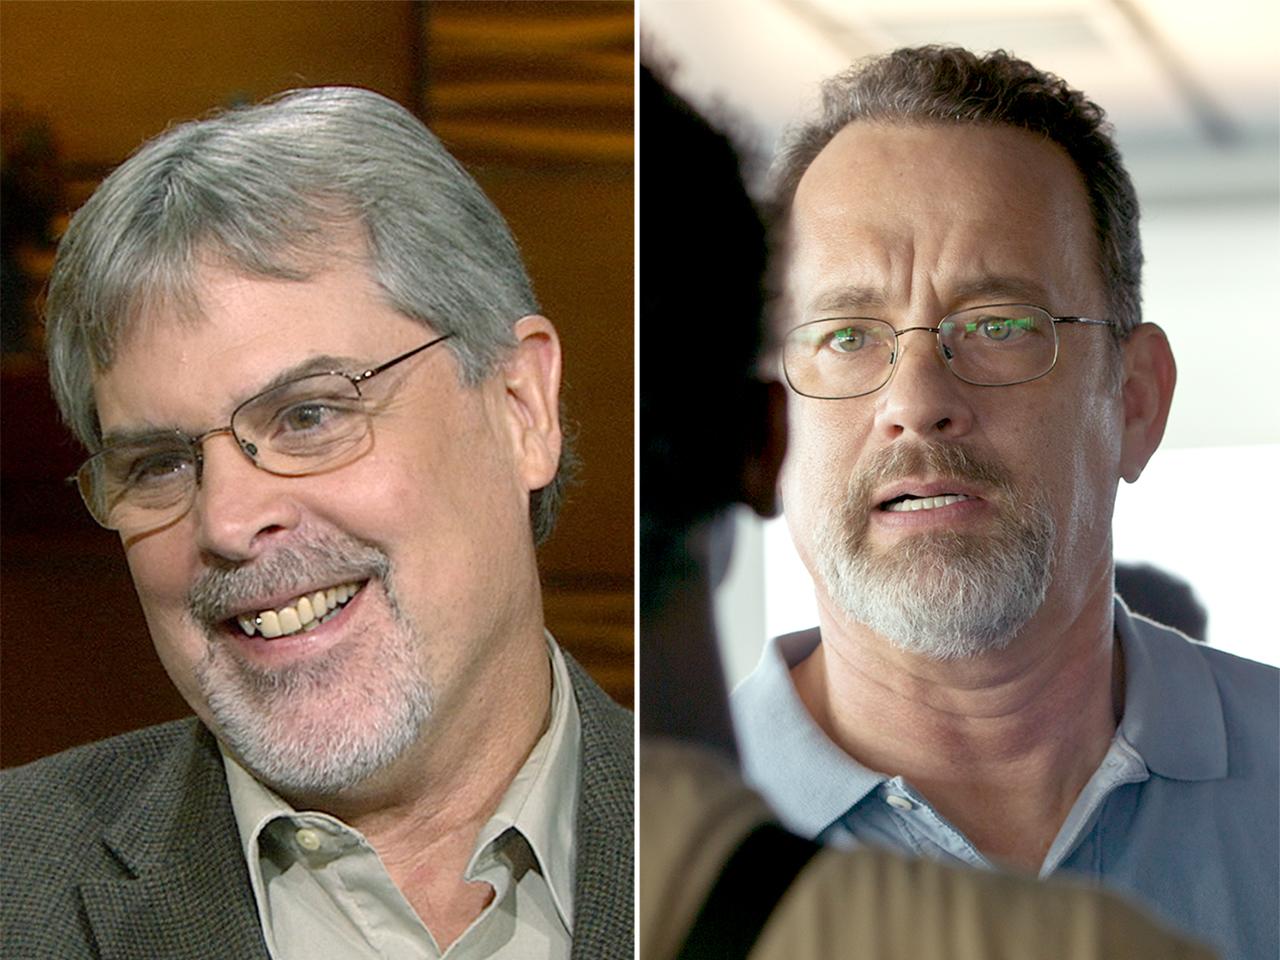 Image: Richard Phillips, Tom Hanks